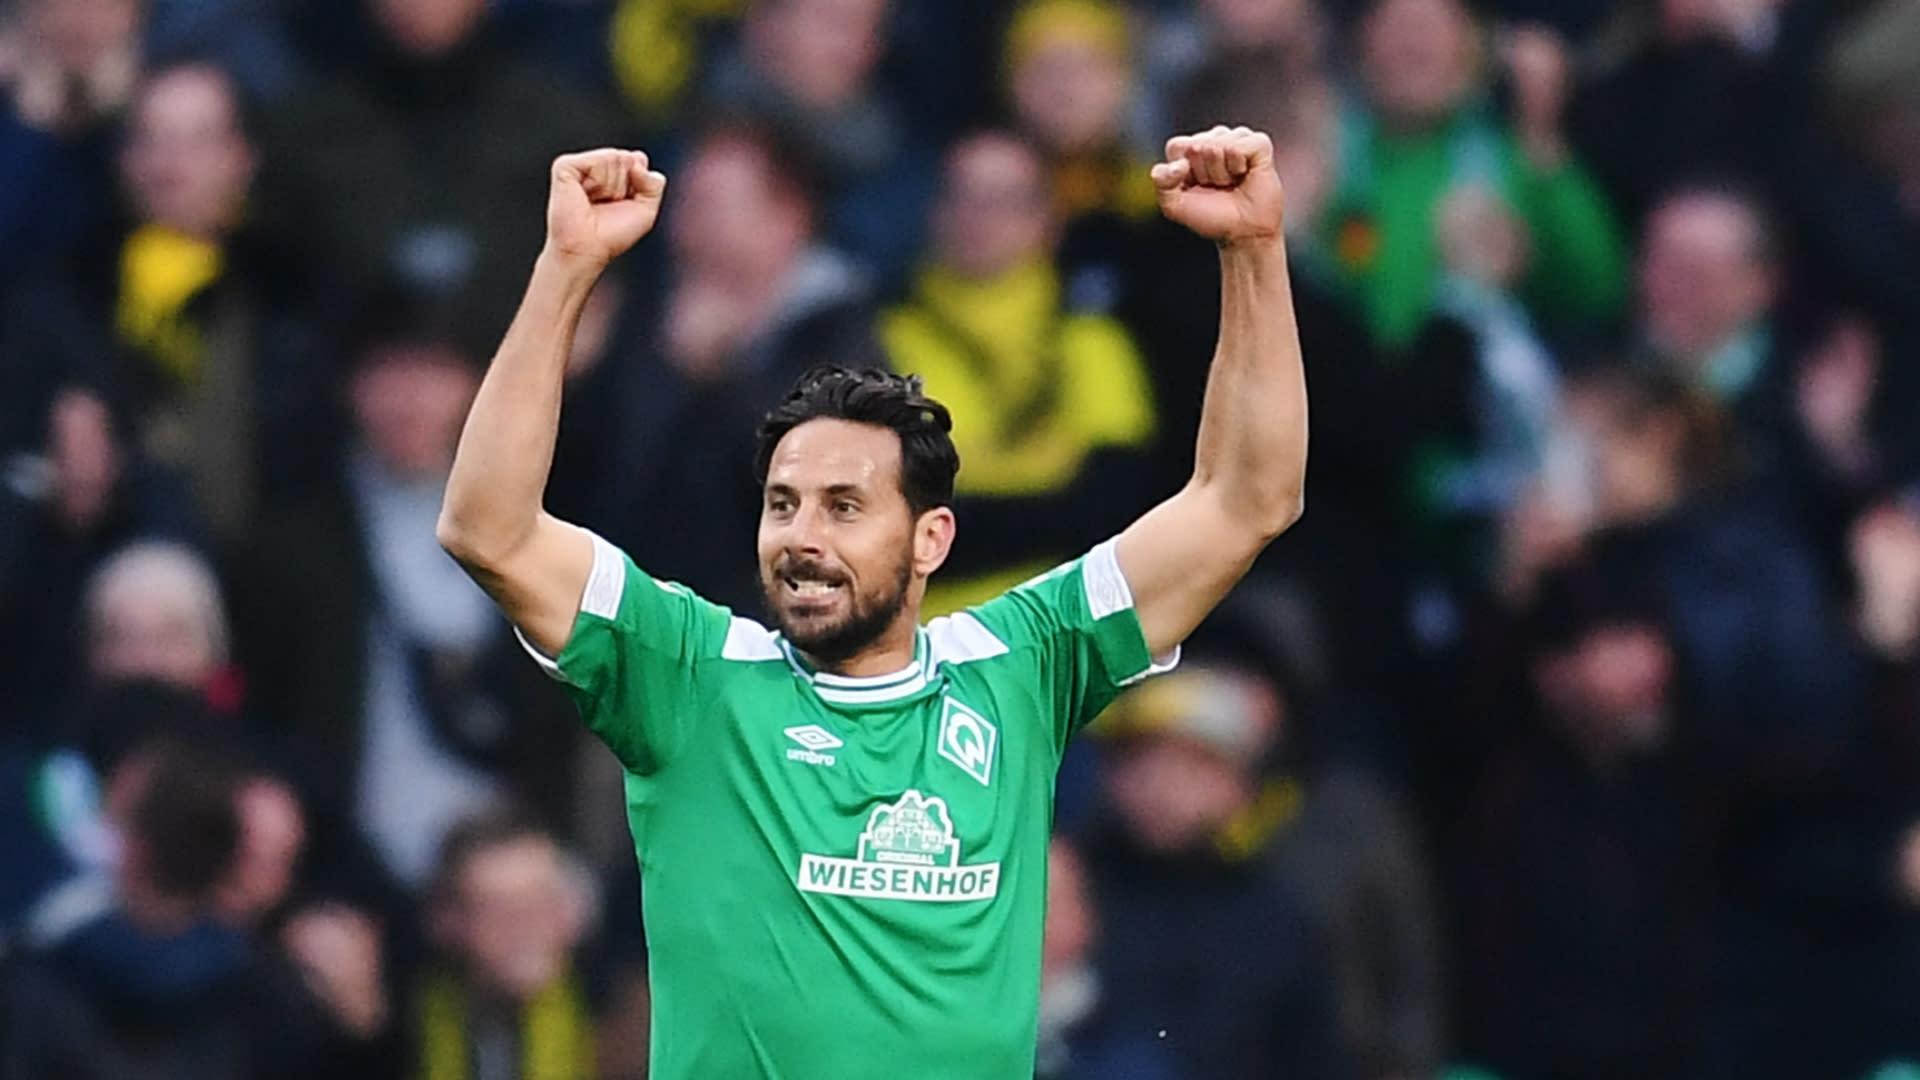 Bundesliga: Dortmund's draw with Werder Bremen all but hands title